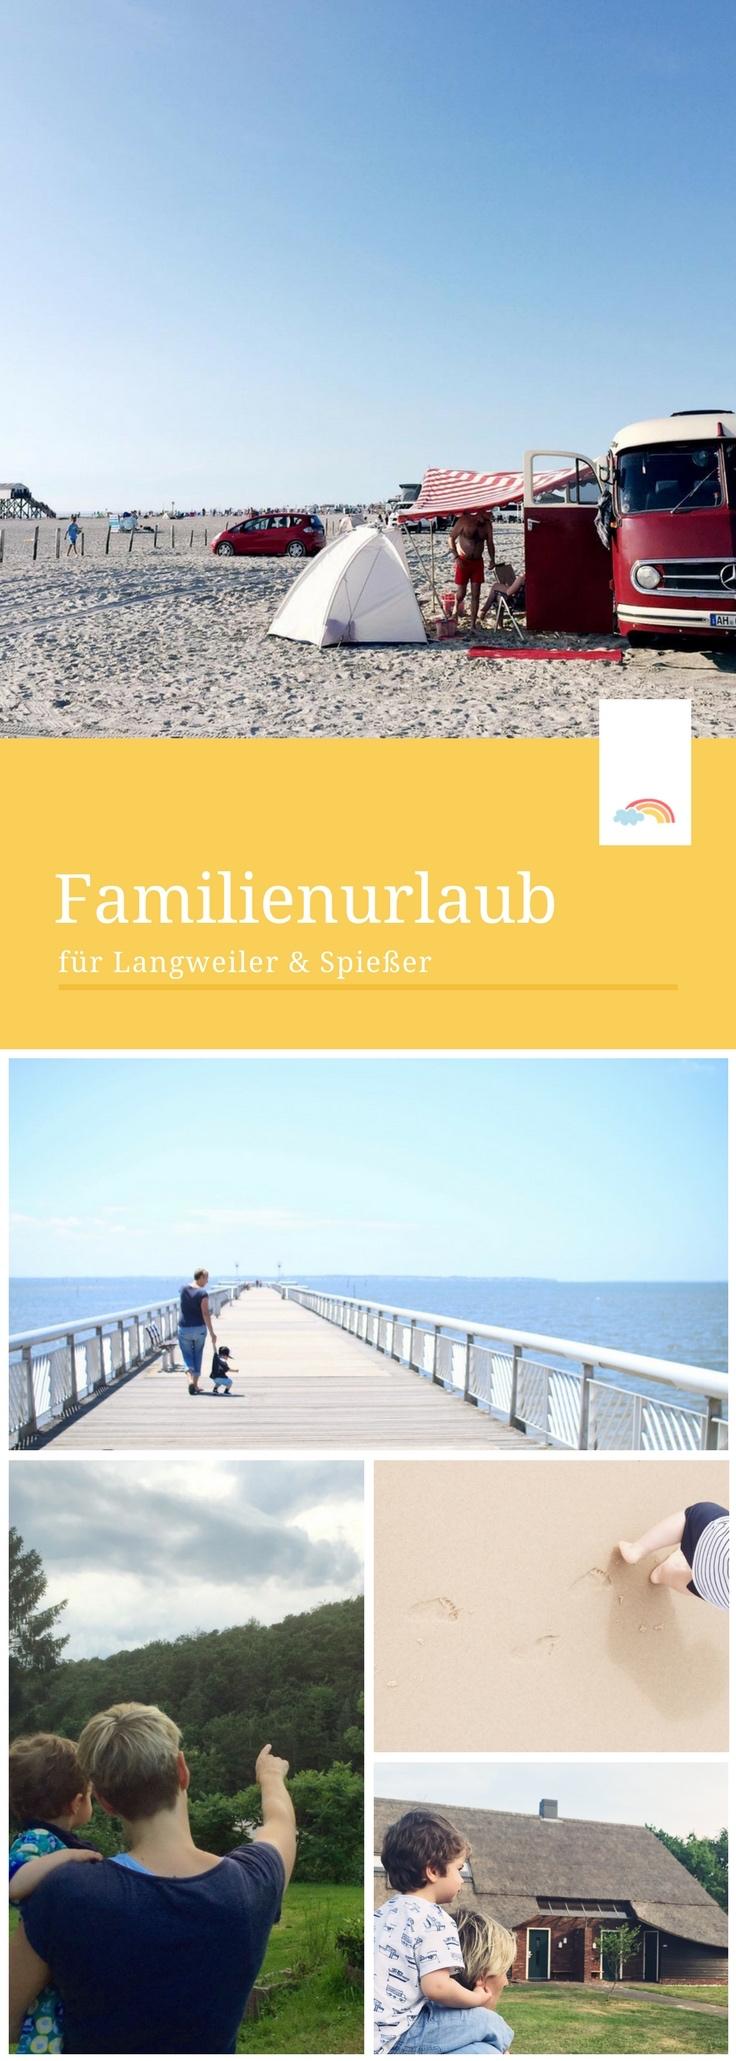 Wie weit muss man reisen, um einen glücklichen Familienurlaub zu verbringen?